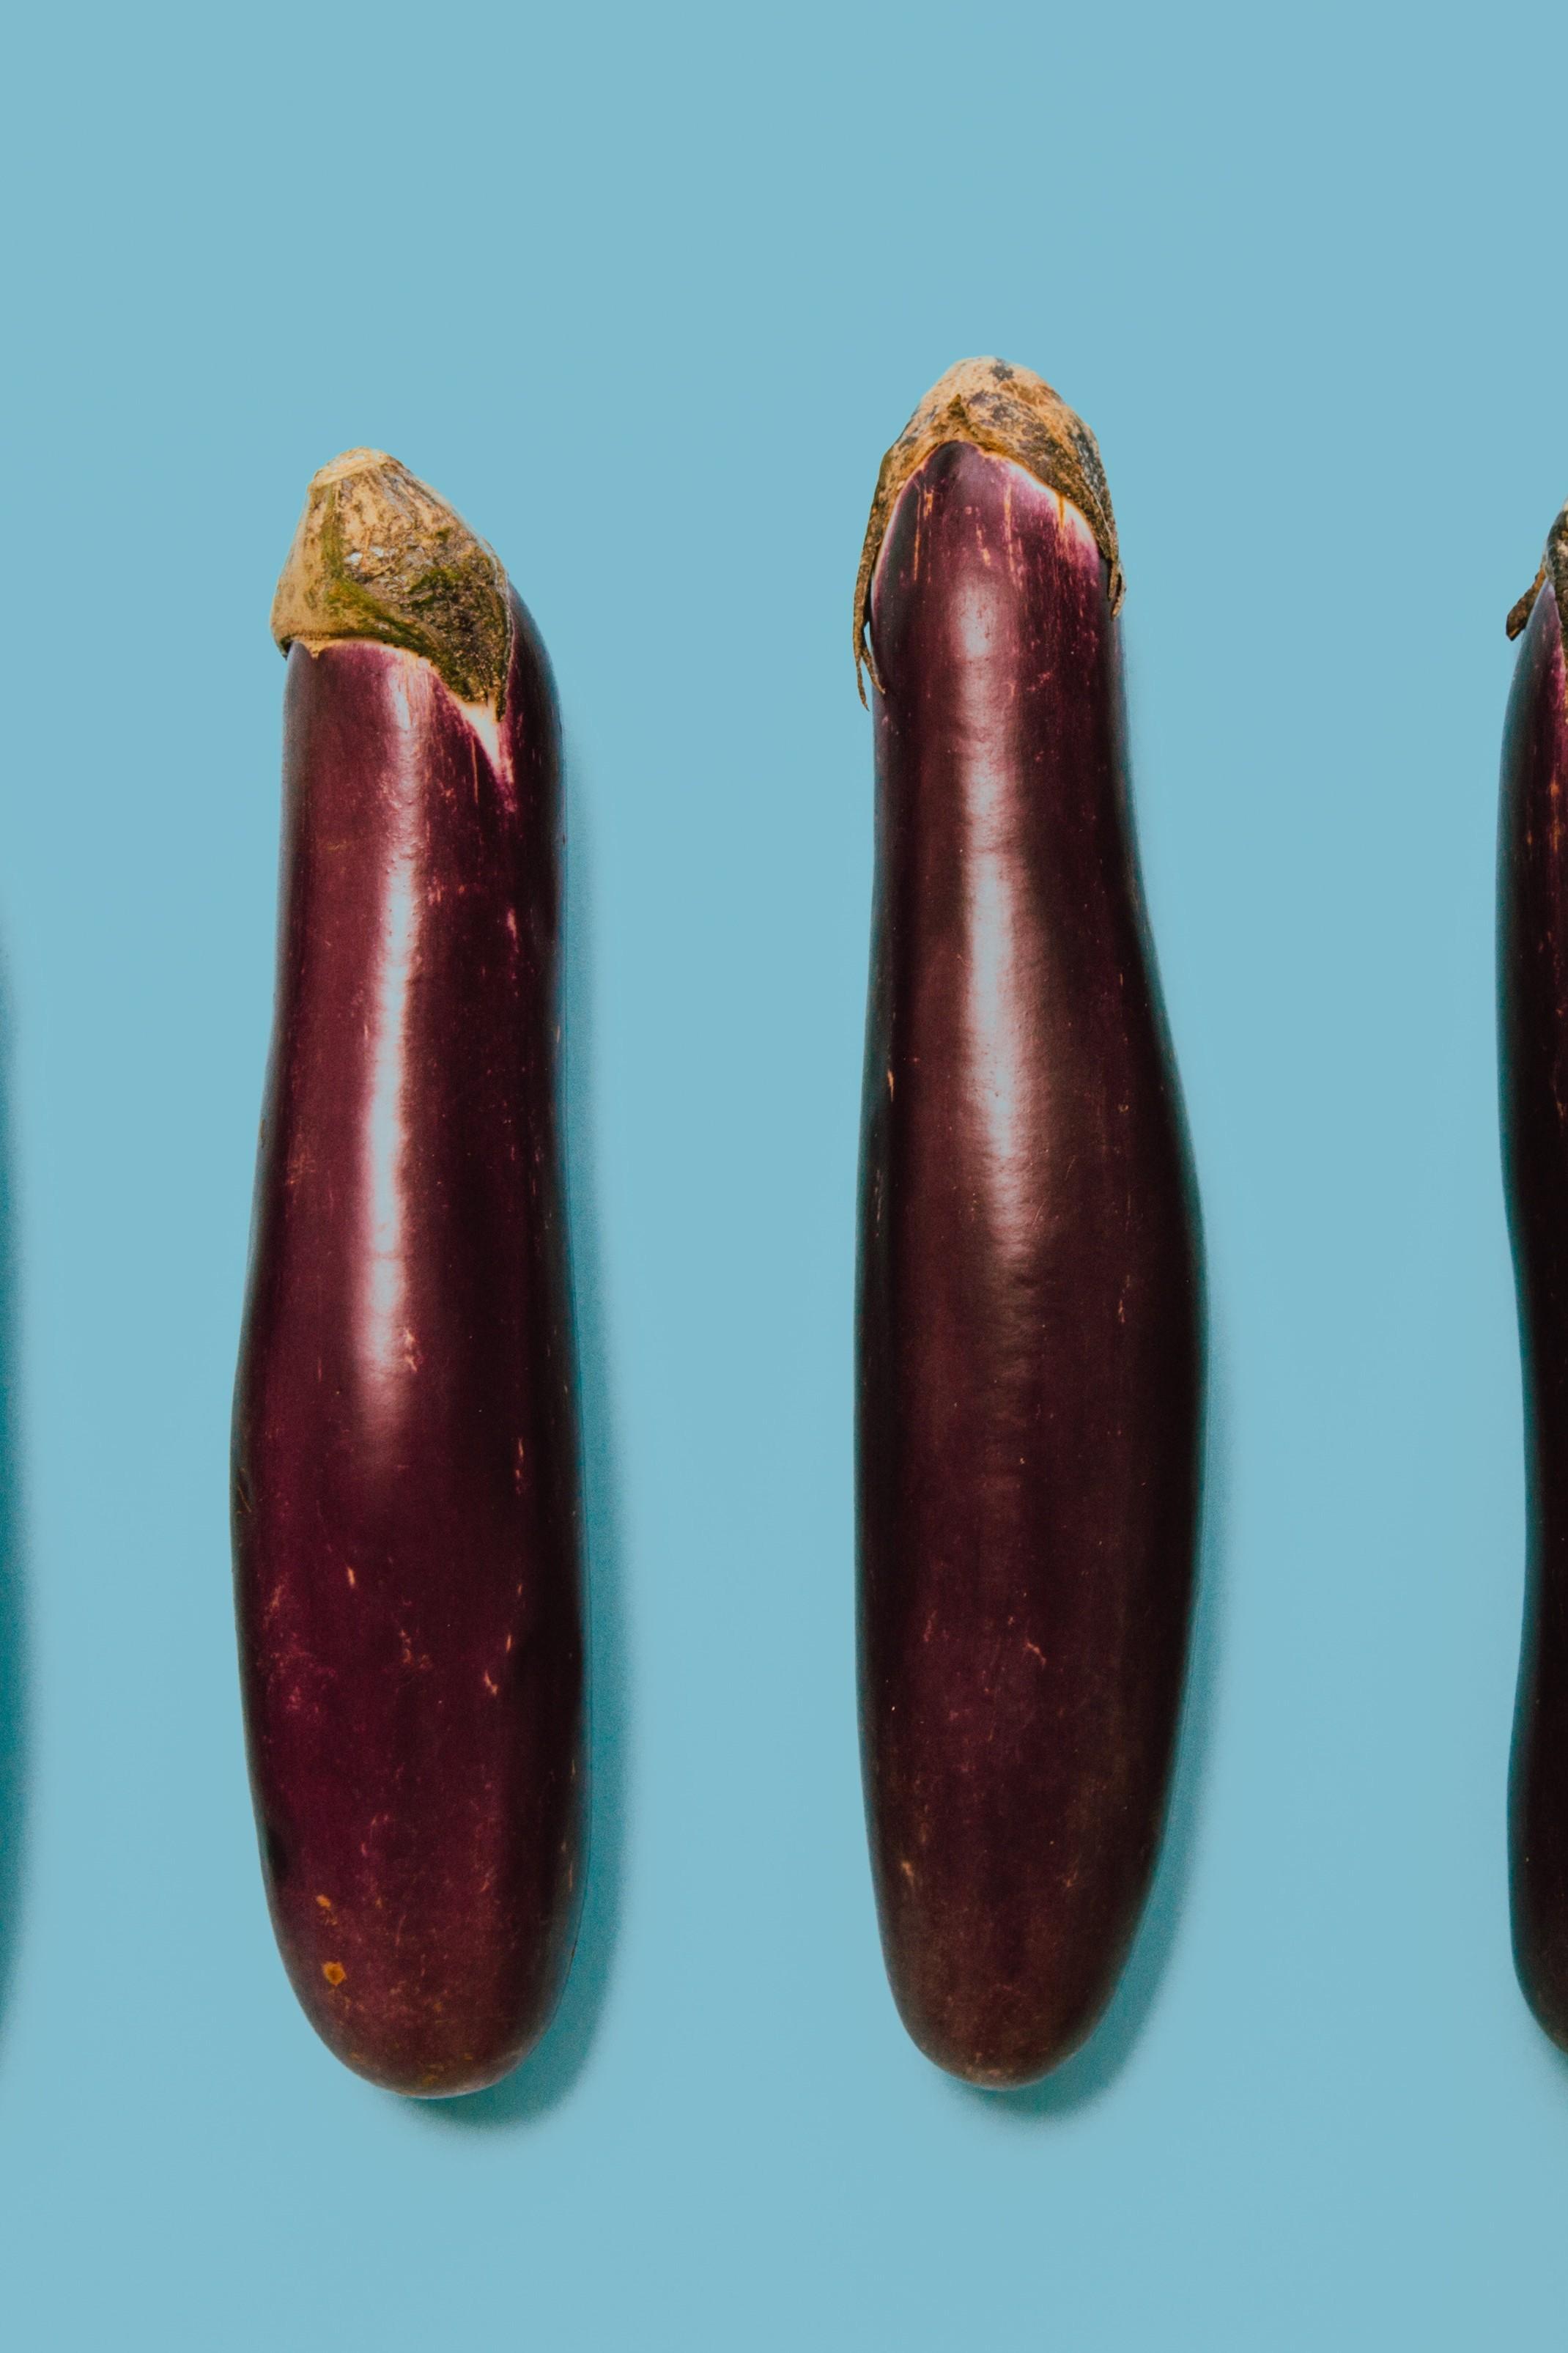 erecția normală a dispărut secret transparent de la penis